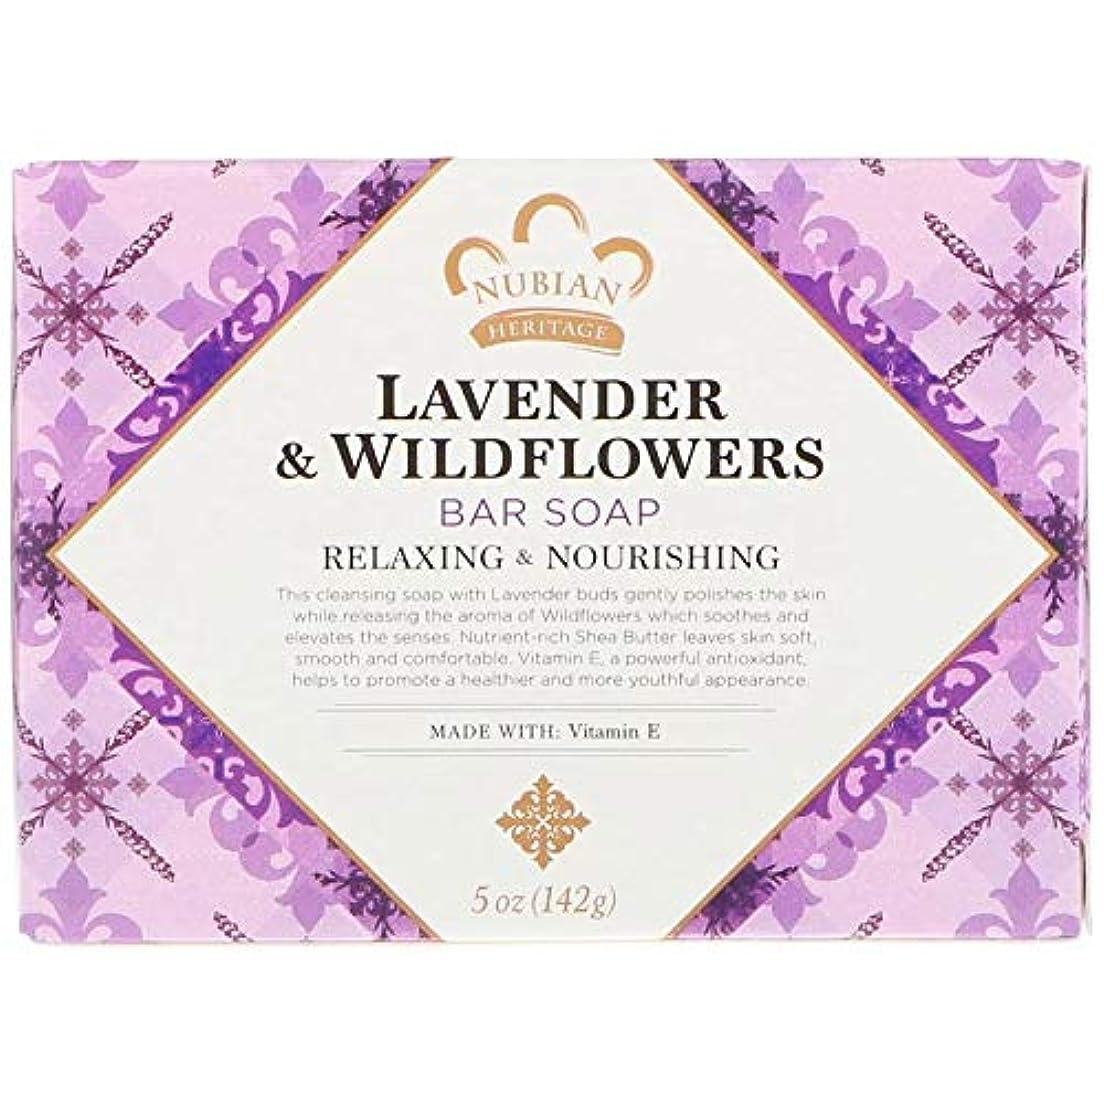 差別独裁者土器シアバターソープ石鹸 ラベンダー&ワイルドフラワー Lavender & Wildflowers Bar Soap, 5 oz (142 g) [並行輸入品]